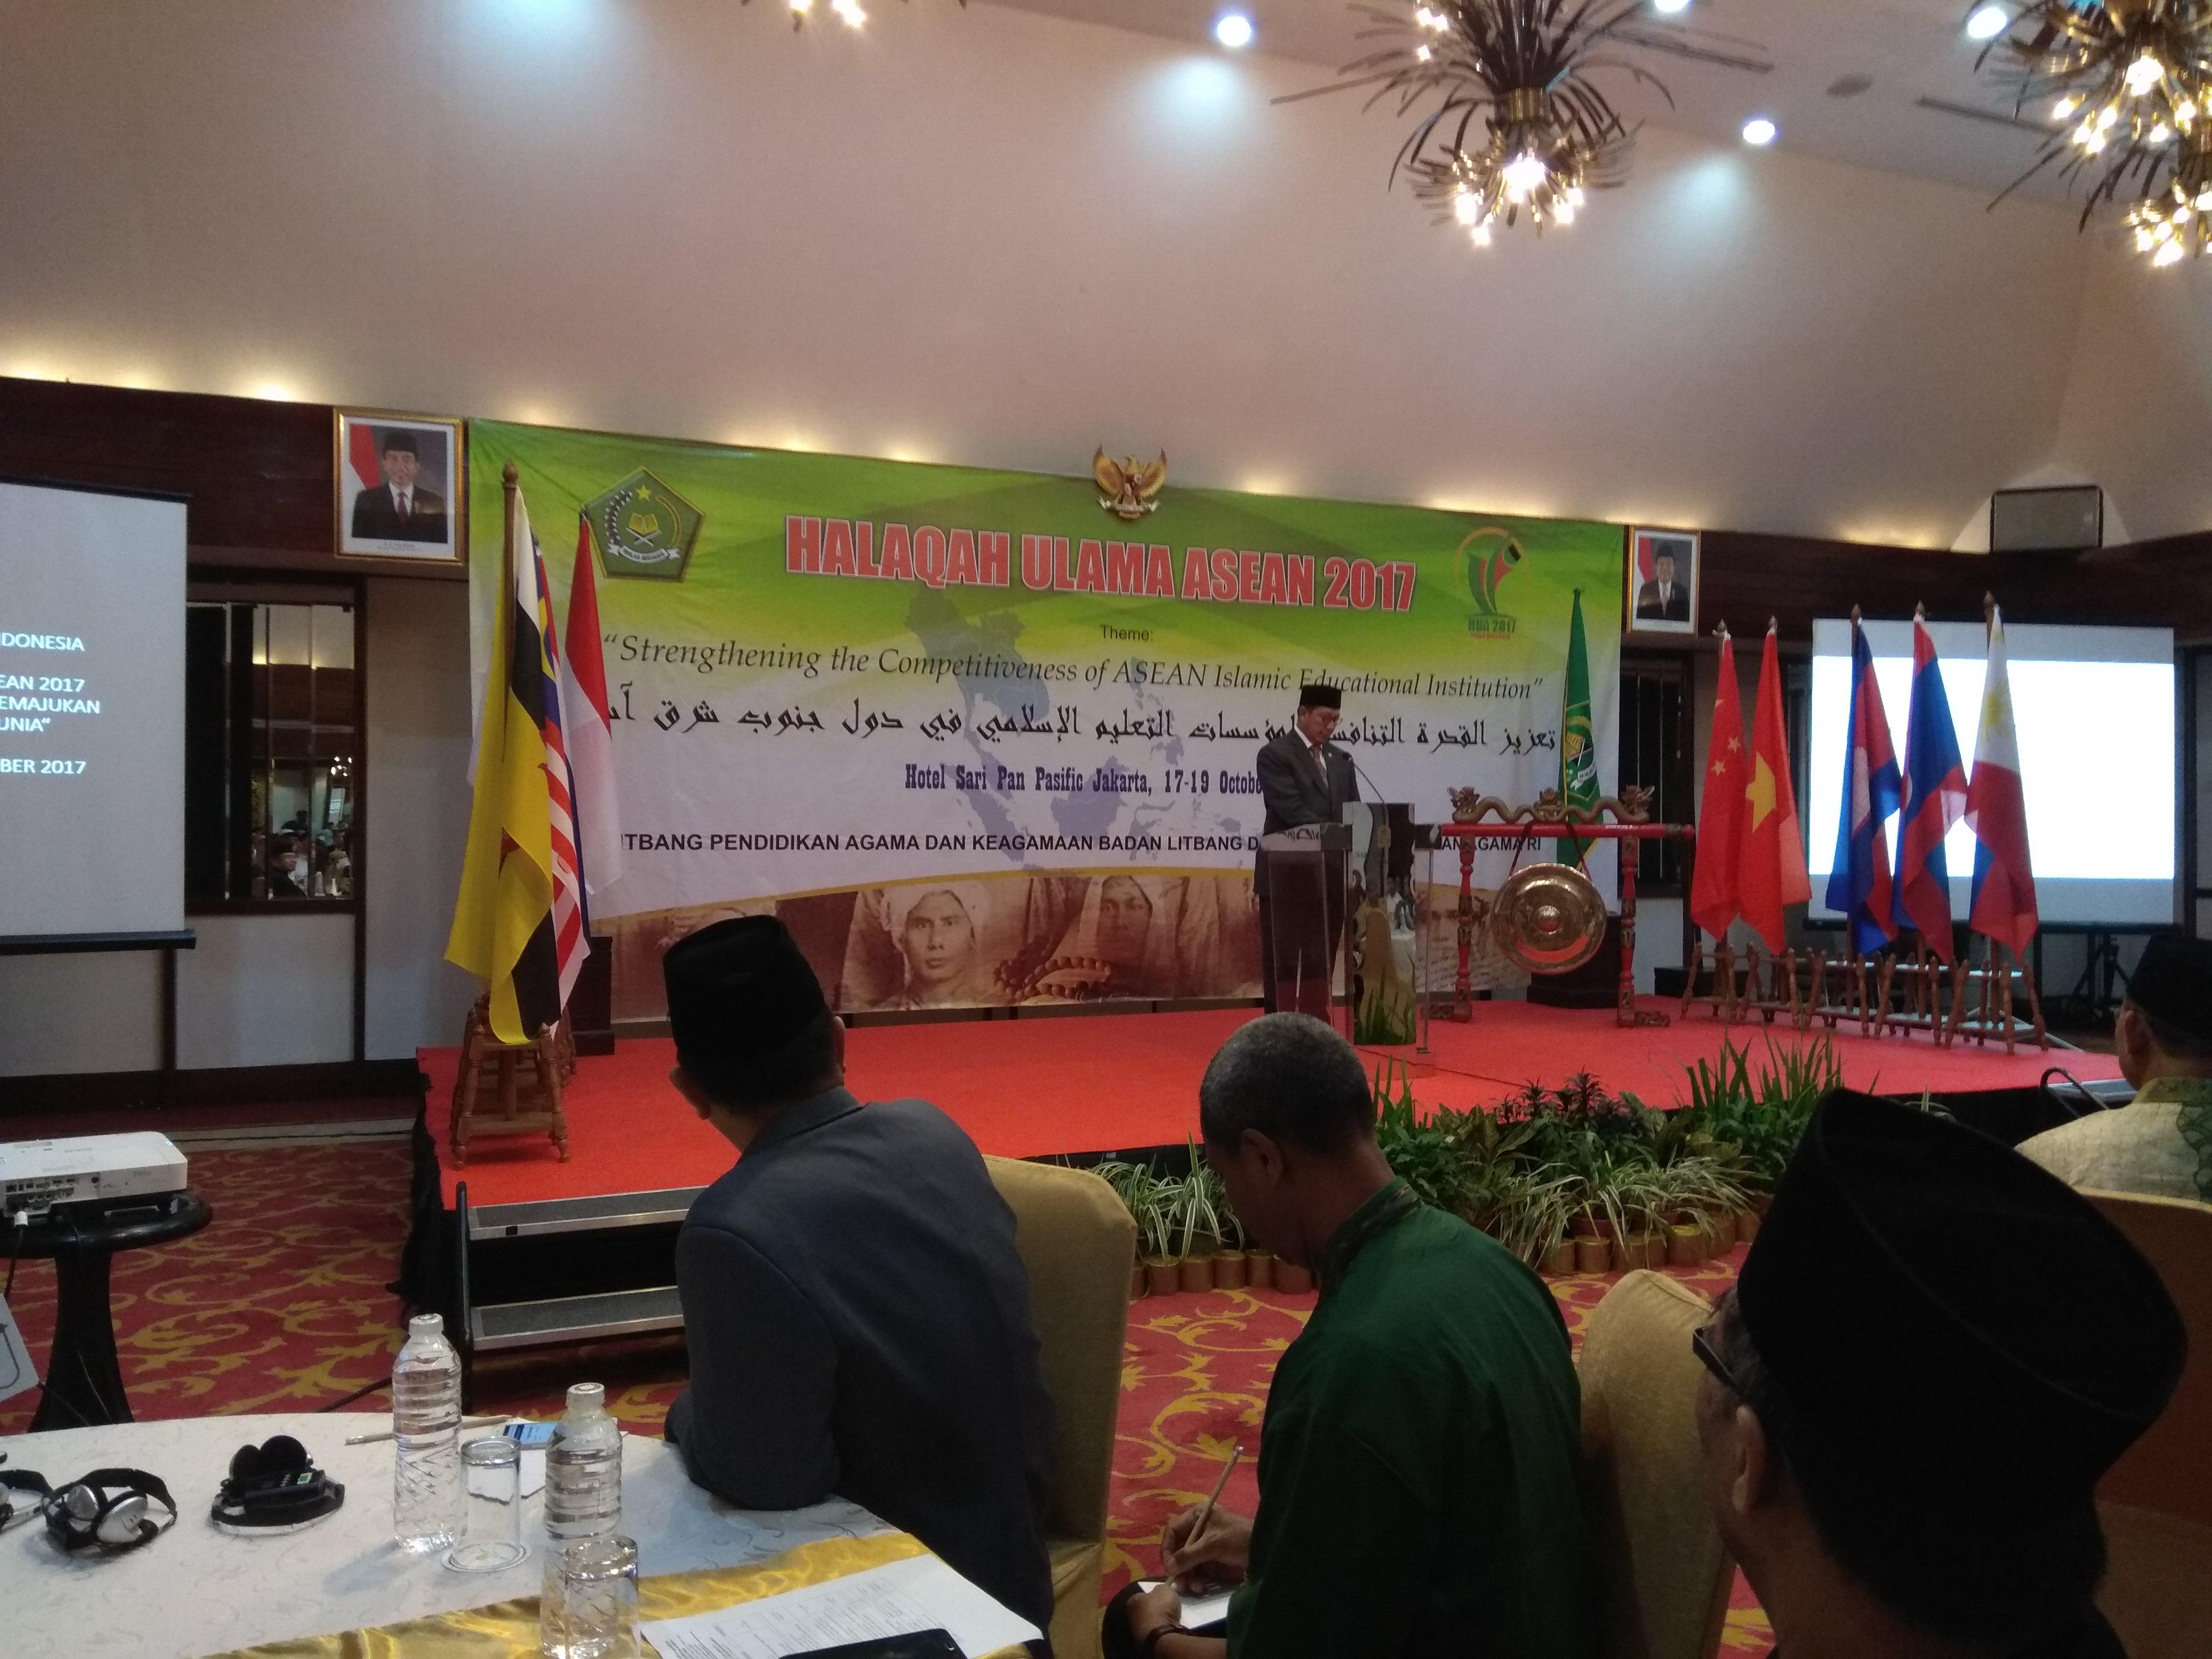 Menteri Agama Buka Halaqah Ulama ASEAN 2017